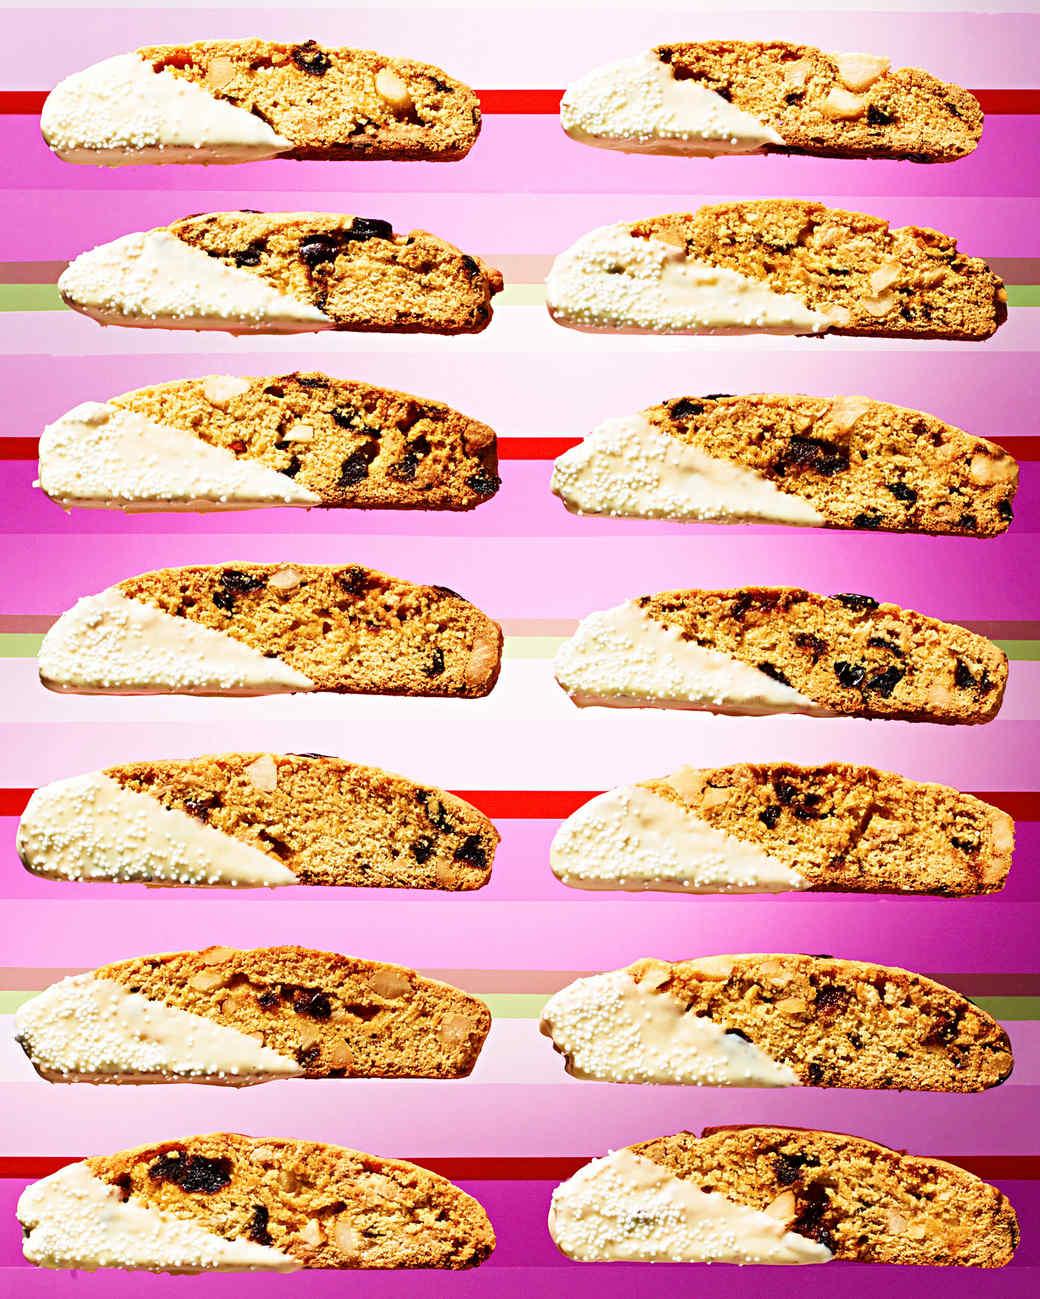 cornmeal-cherry-white-chocolate-biscotti-102828332.jpg